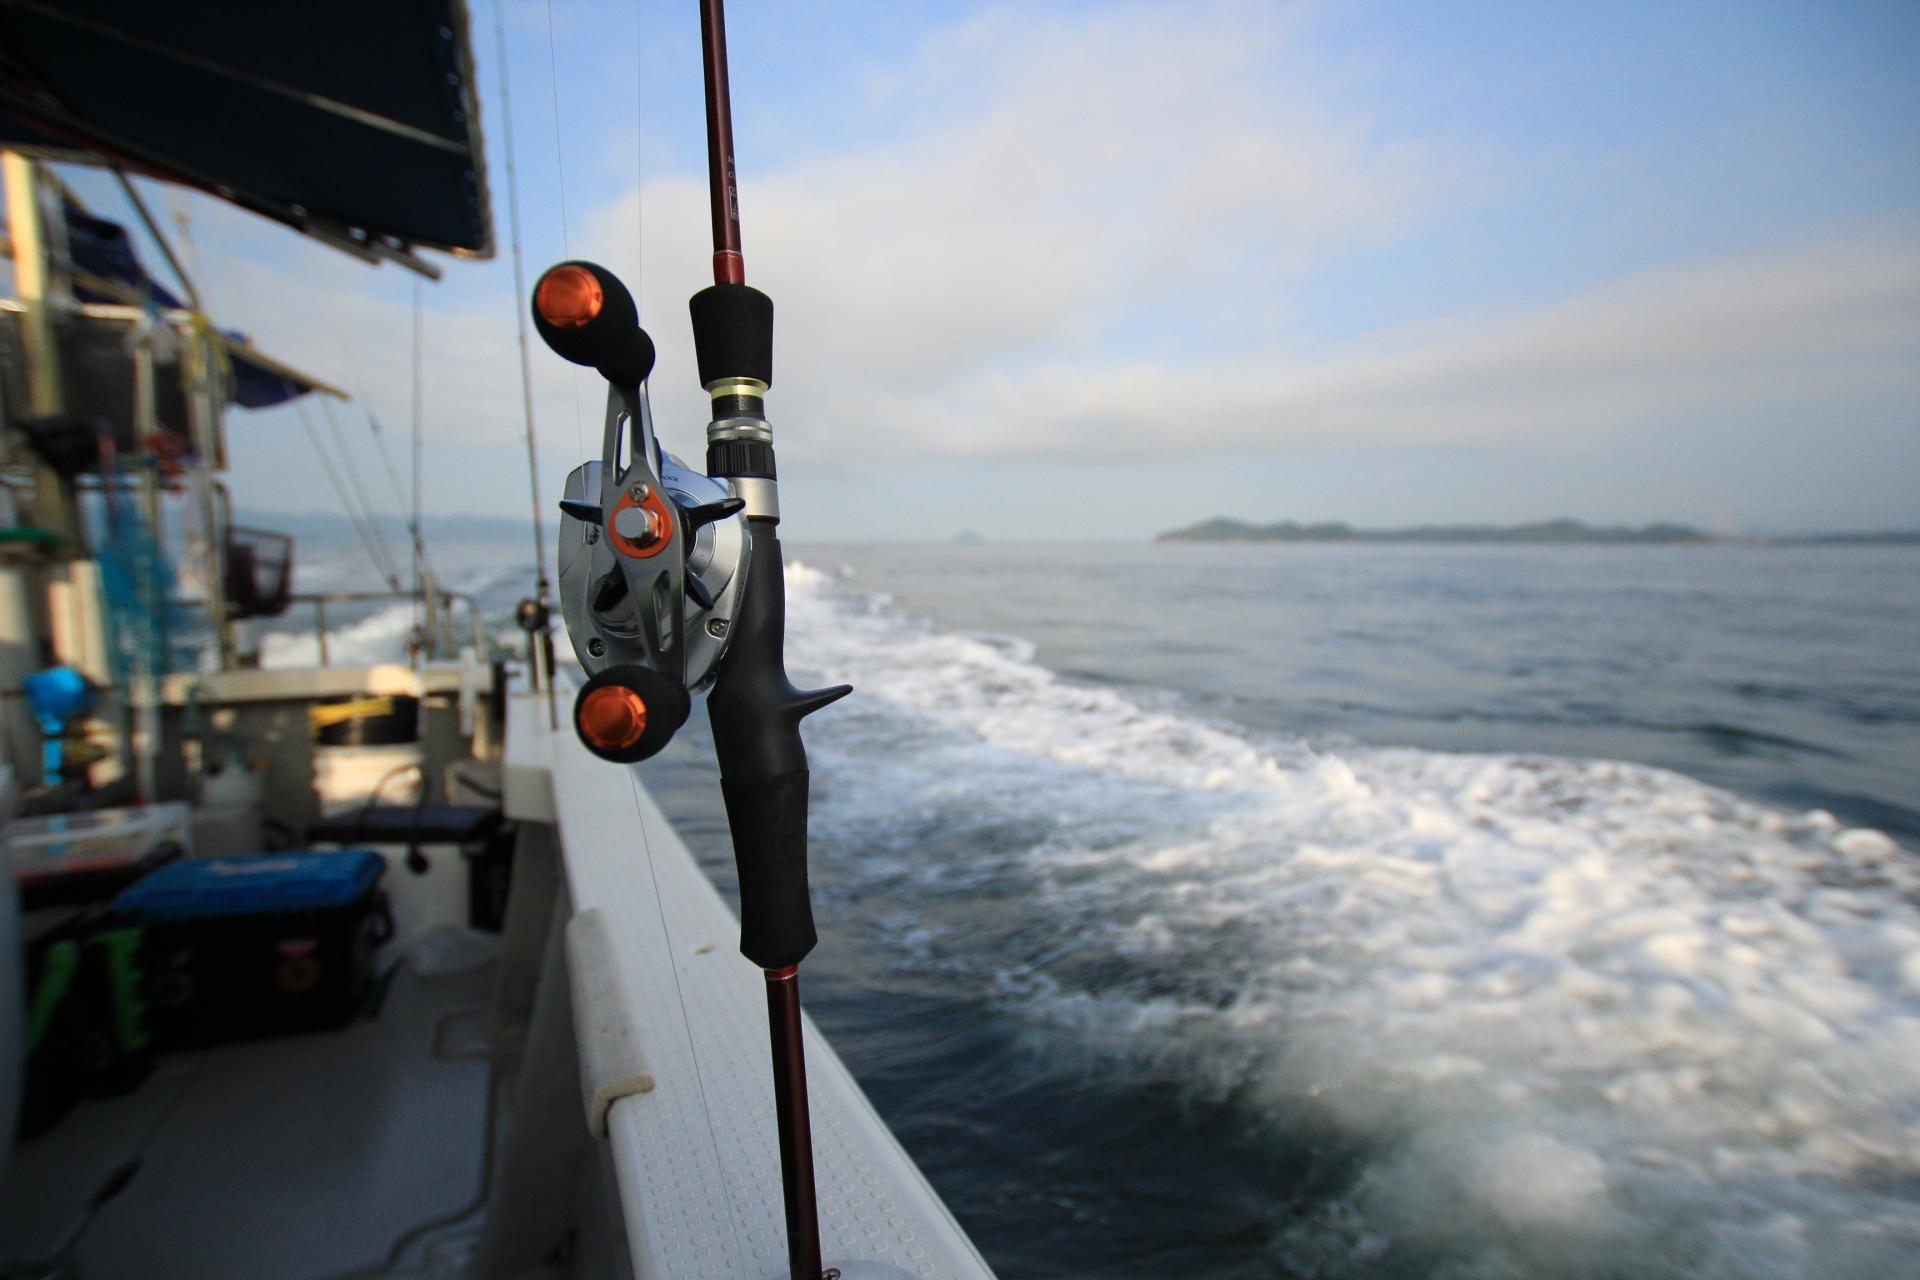 鯛ラバ(タイラバ)の釣り方入門|仕掛け・タックル・ロッド【初心者必見】